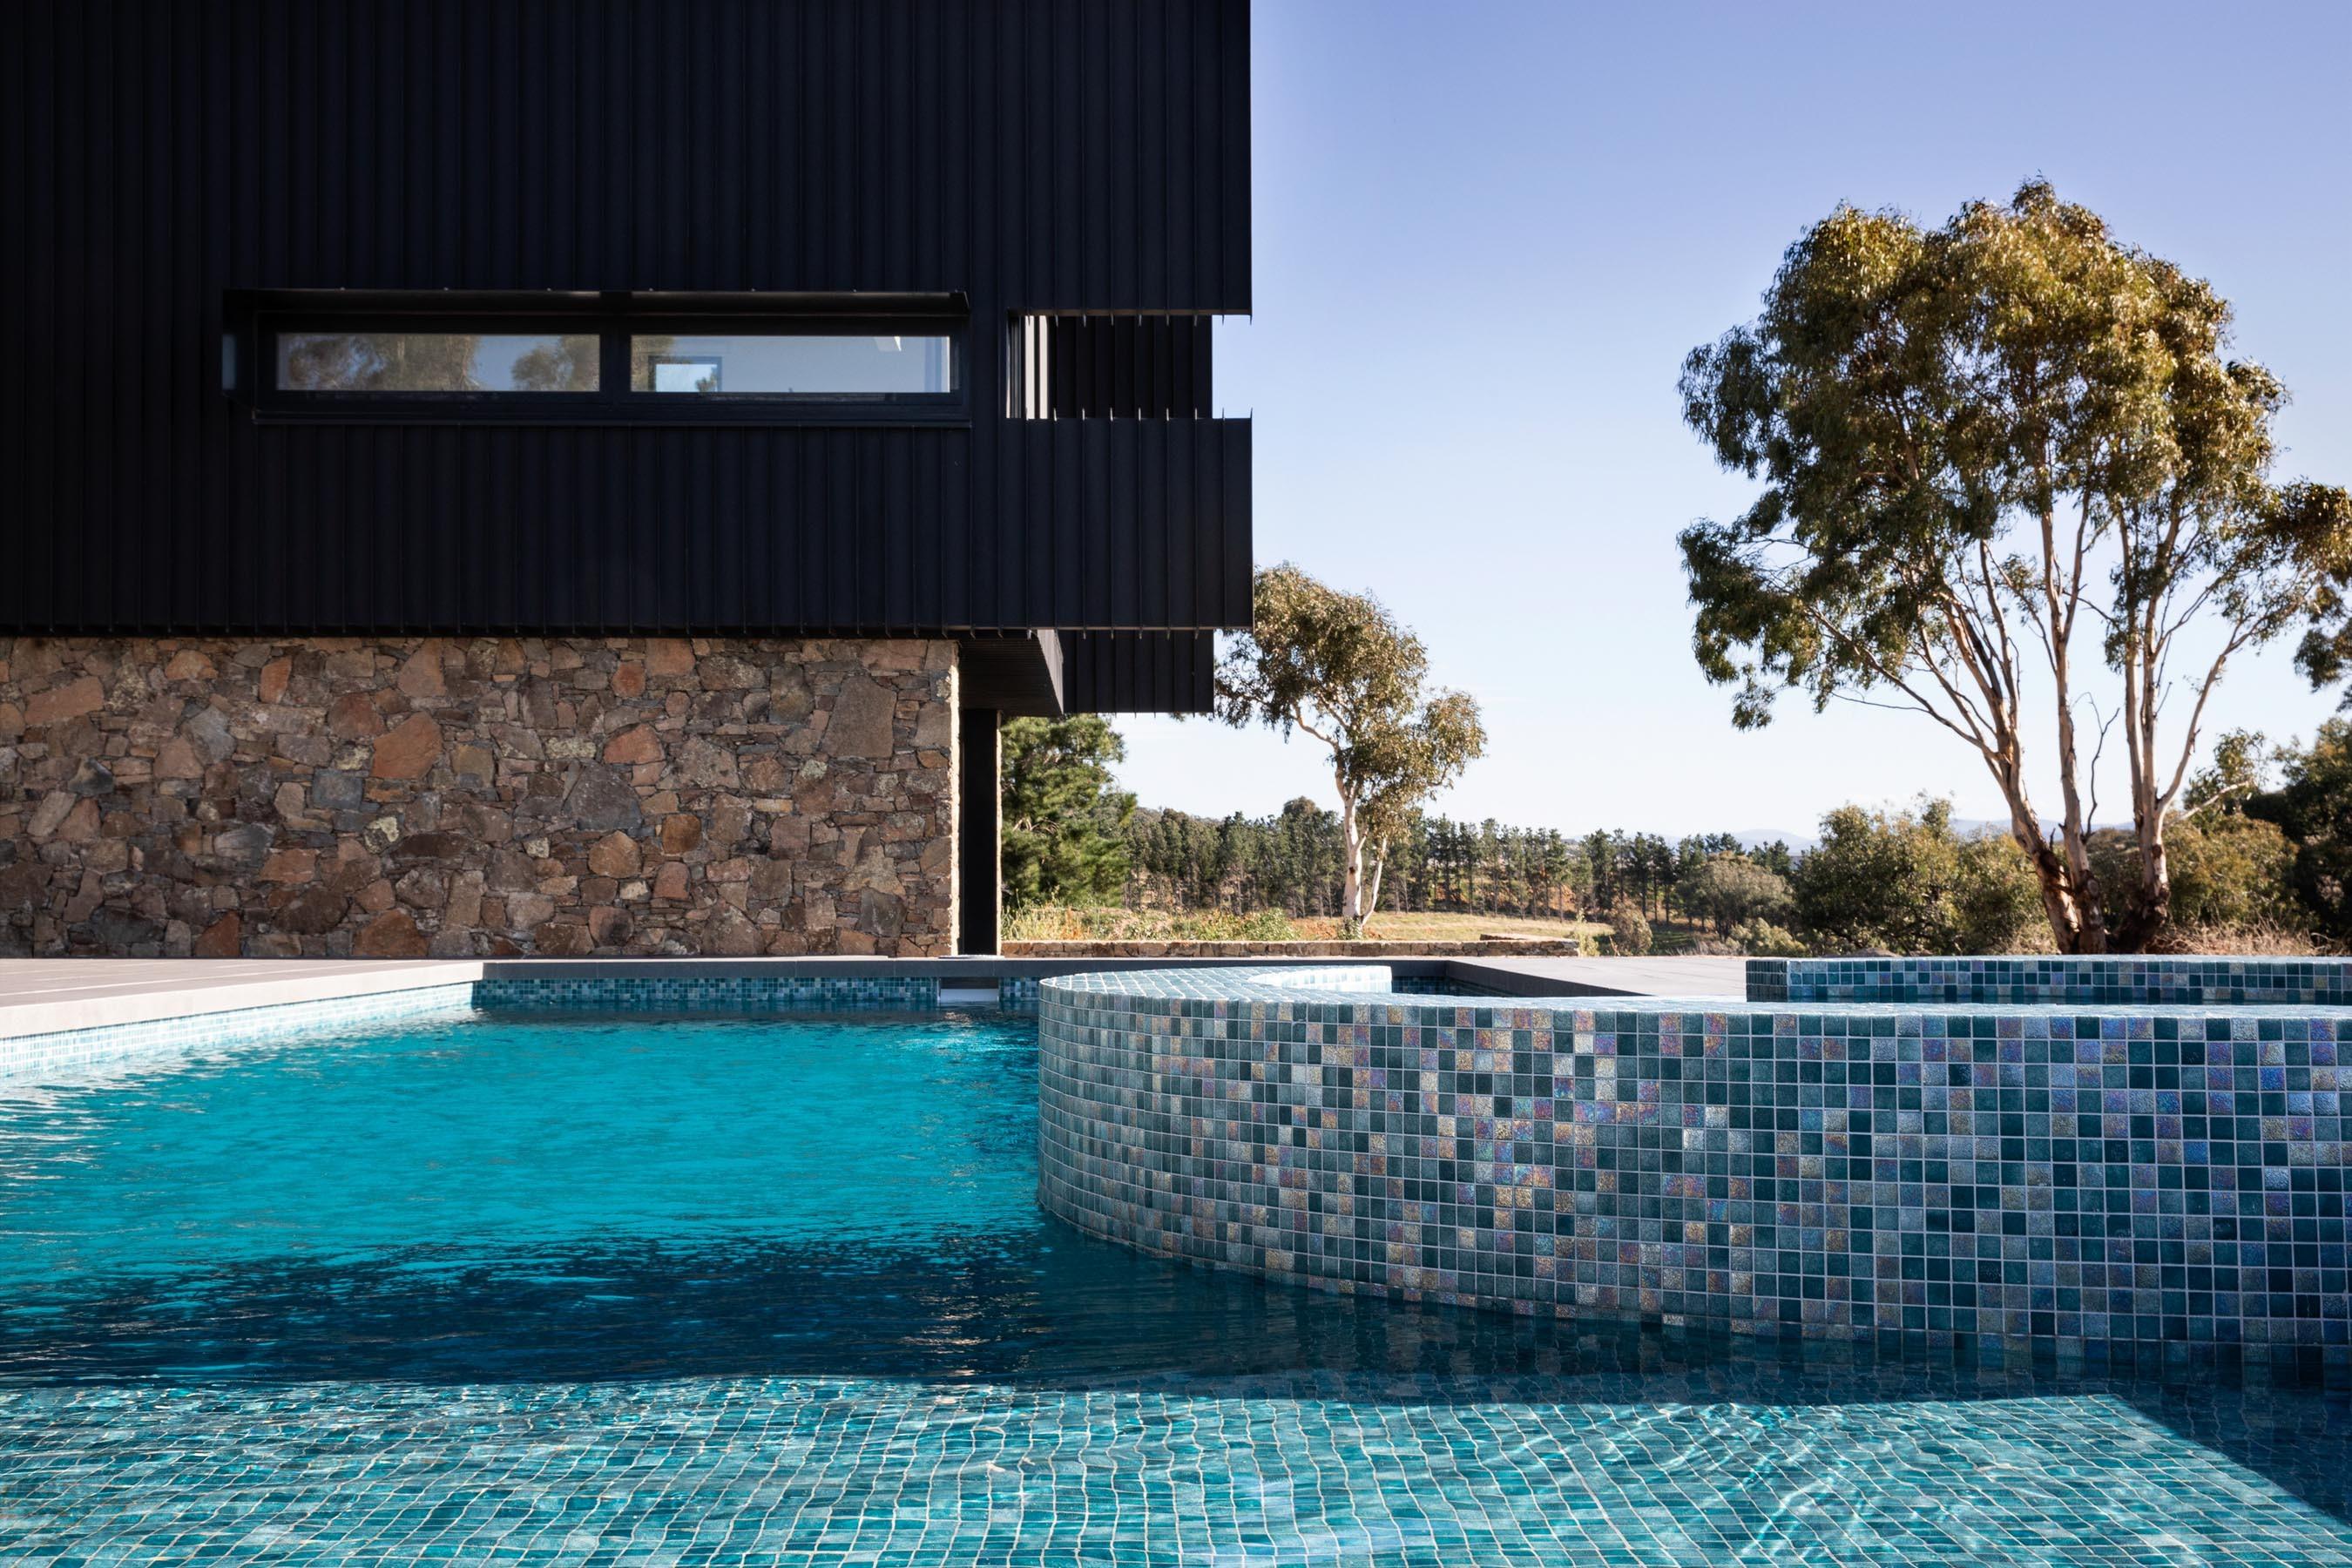 Pool-Tiles Gallery Australian lizard-02